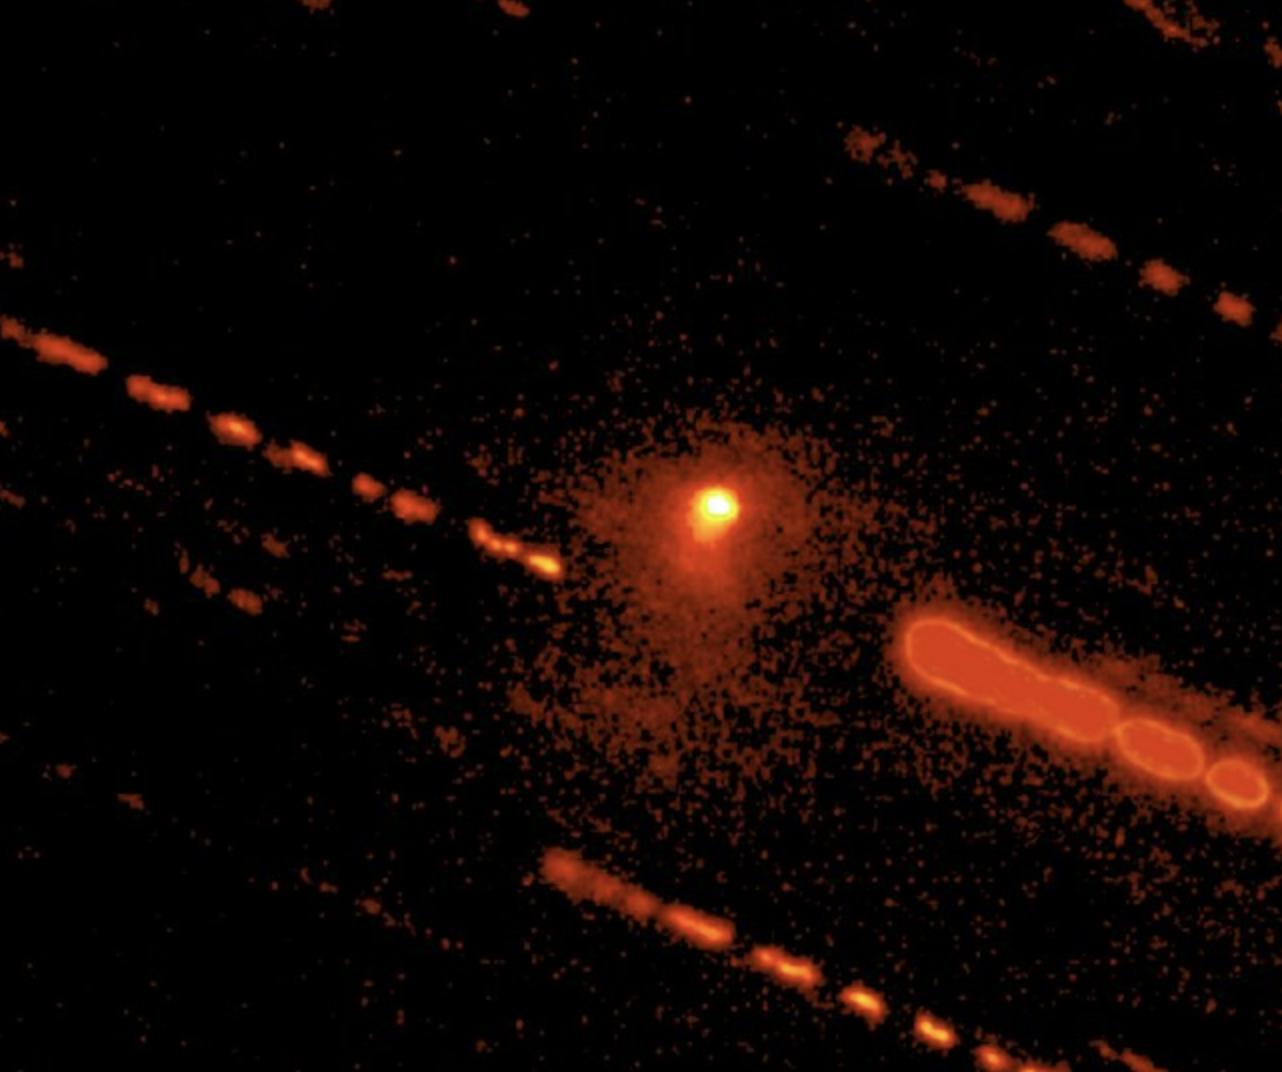 Astrónomos descubren actividad cometaria en un misterioso objeto distante